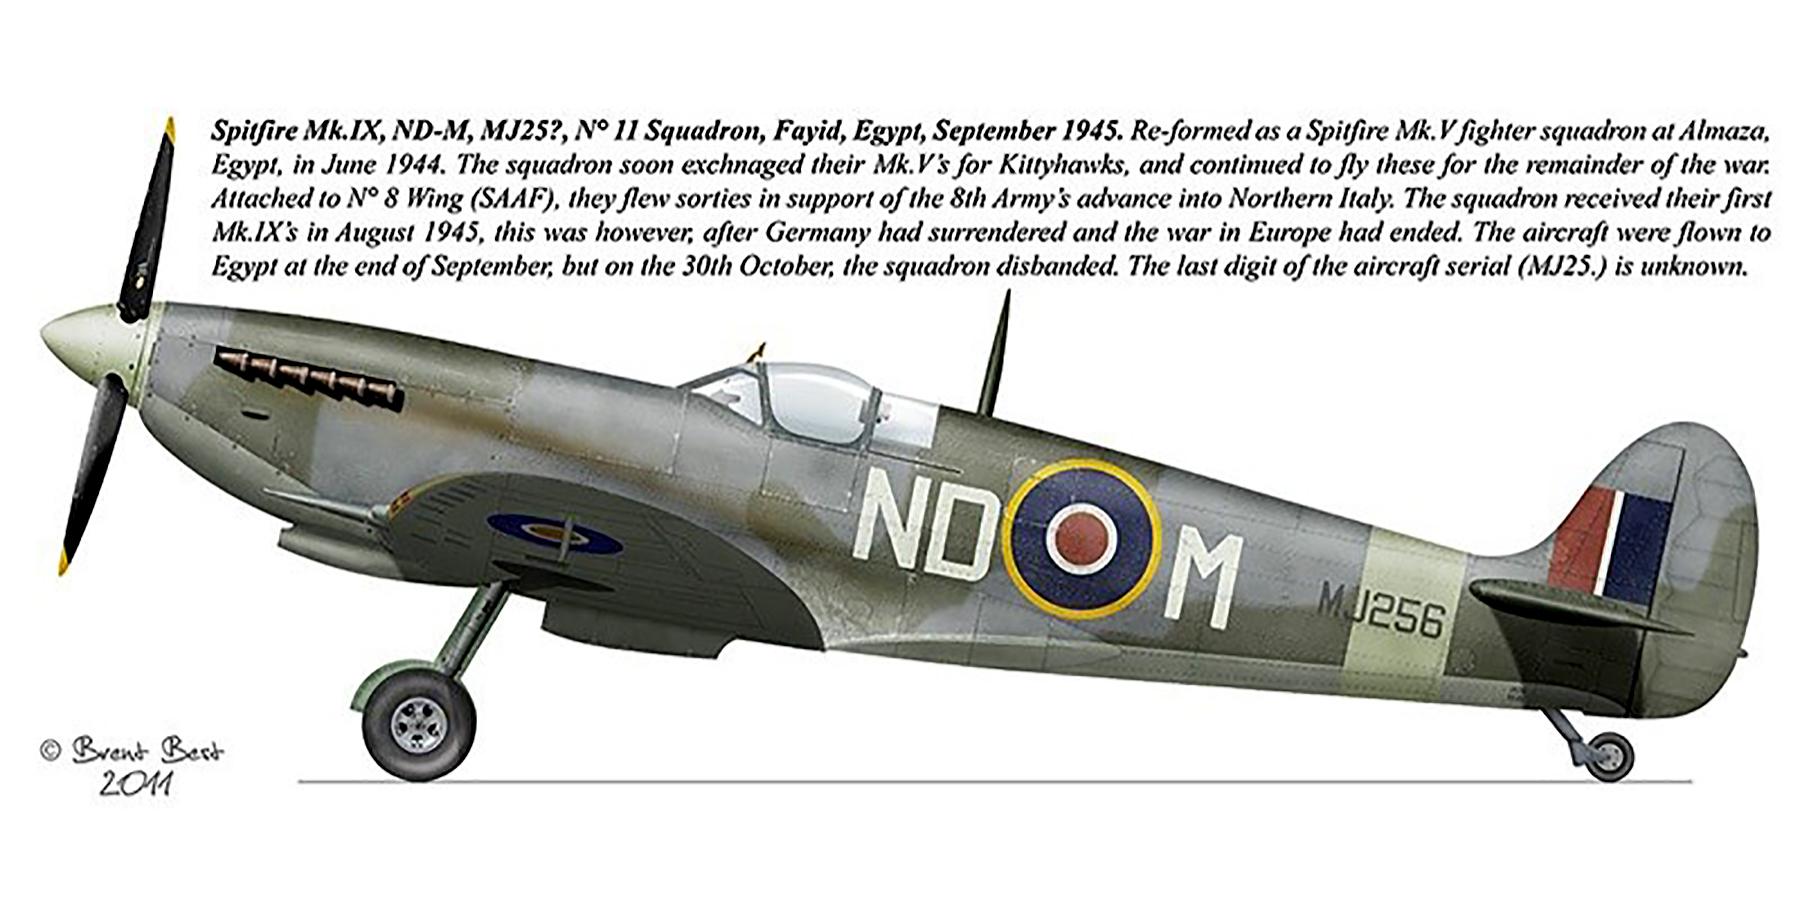 Spitfire MkIX SAAF 11Sqn NDM MJ25x Fayid Egypt Sep 1945 0A